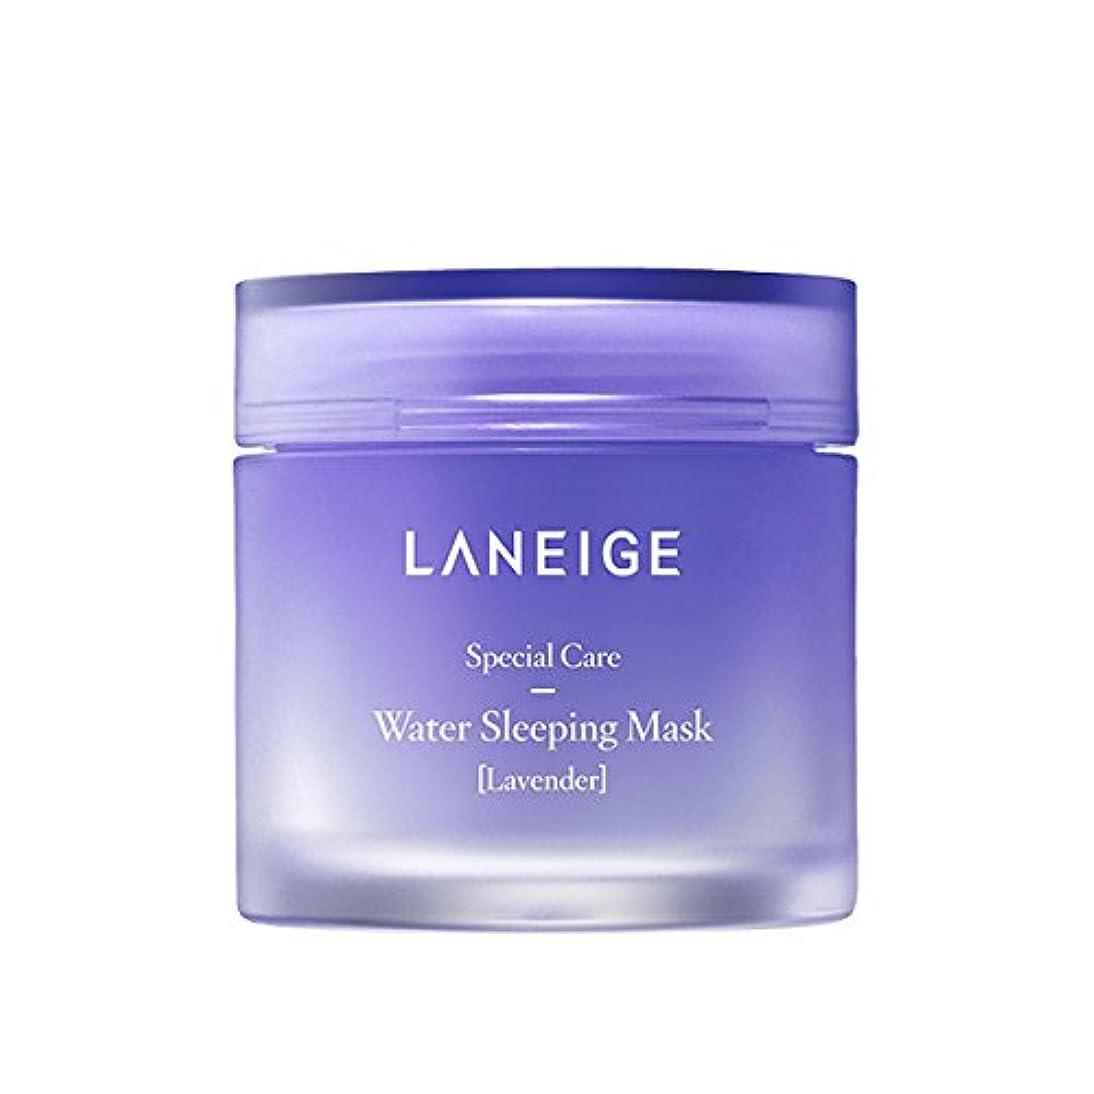 通知原理ガスLANEIGE Water Sleeping Mask [Lavender] 70ml/ラネージュ ウォーター スリーピング マスク [ラベンダー] 70ml [並行輸入品]